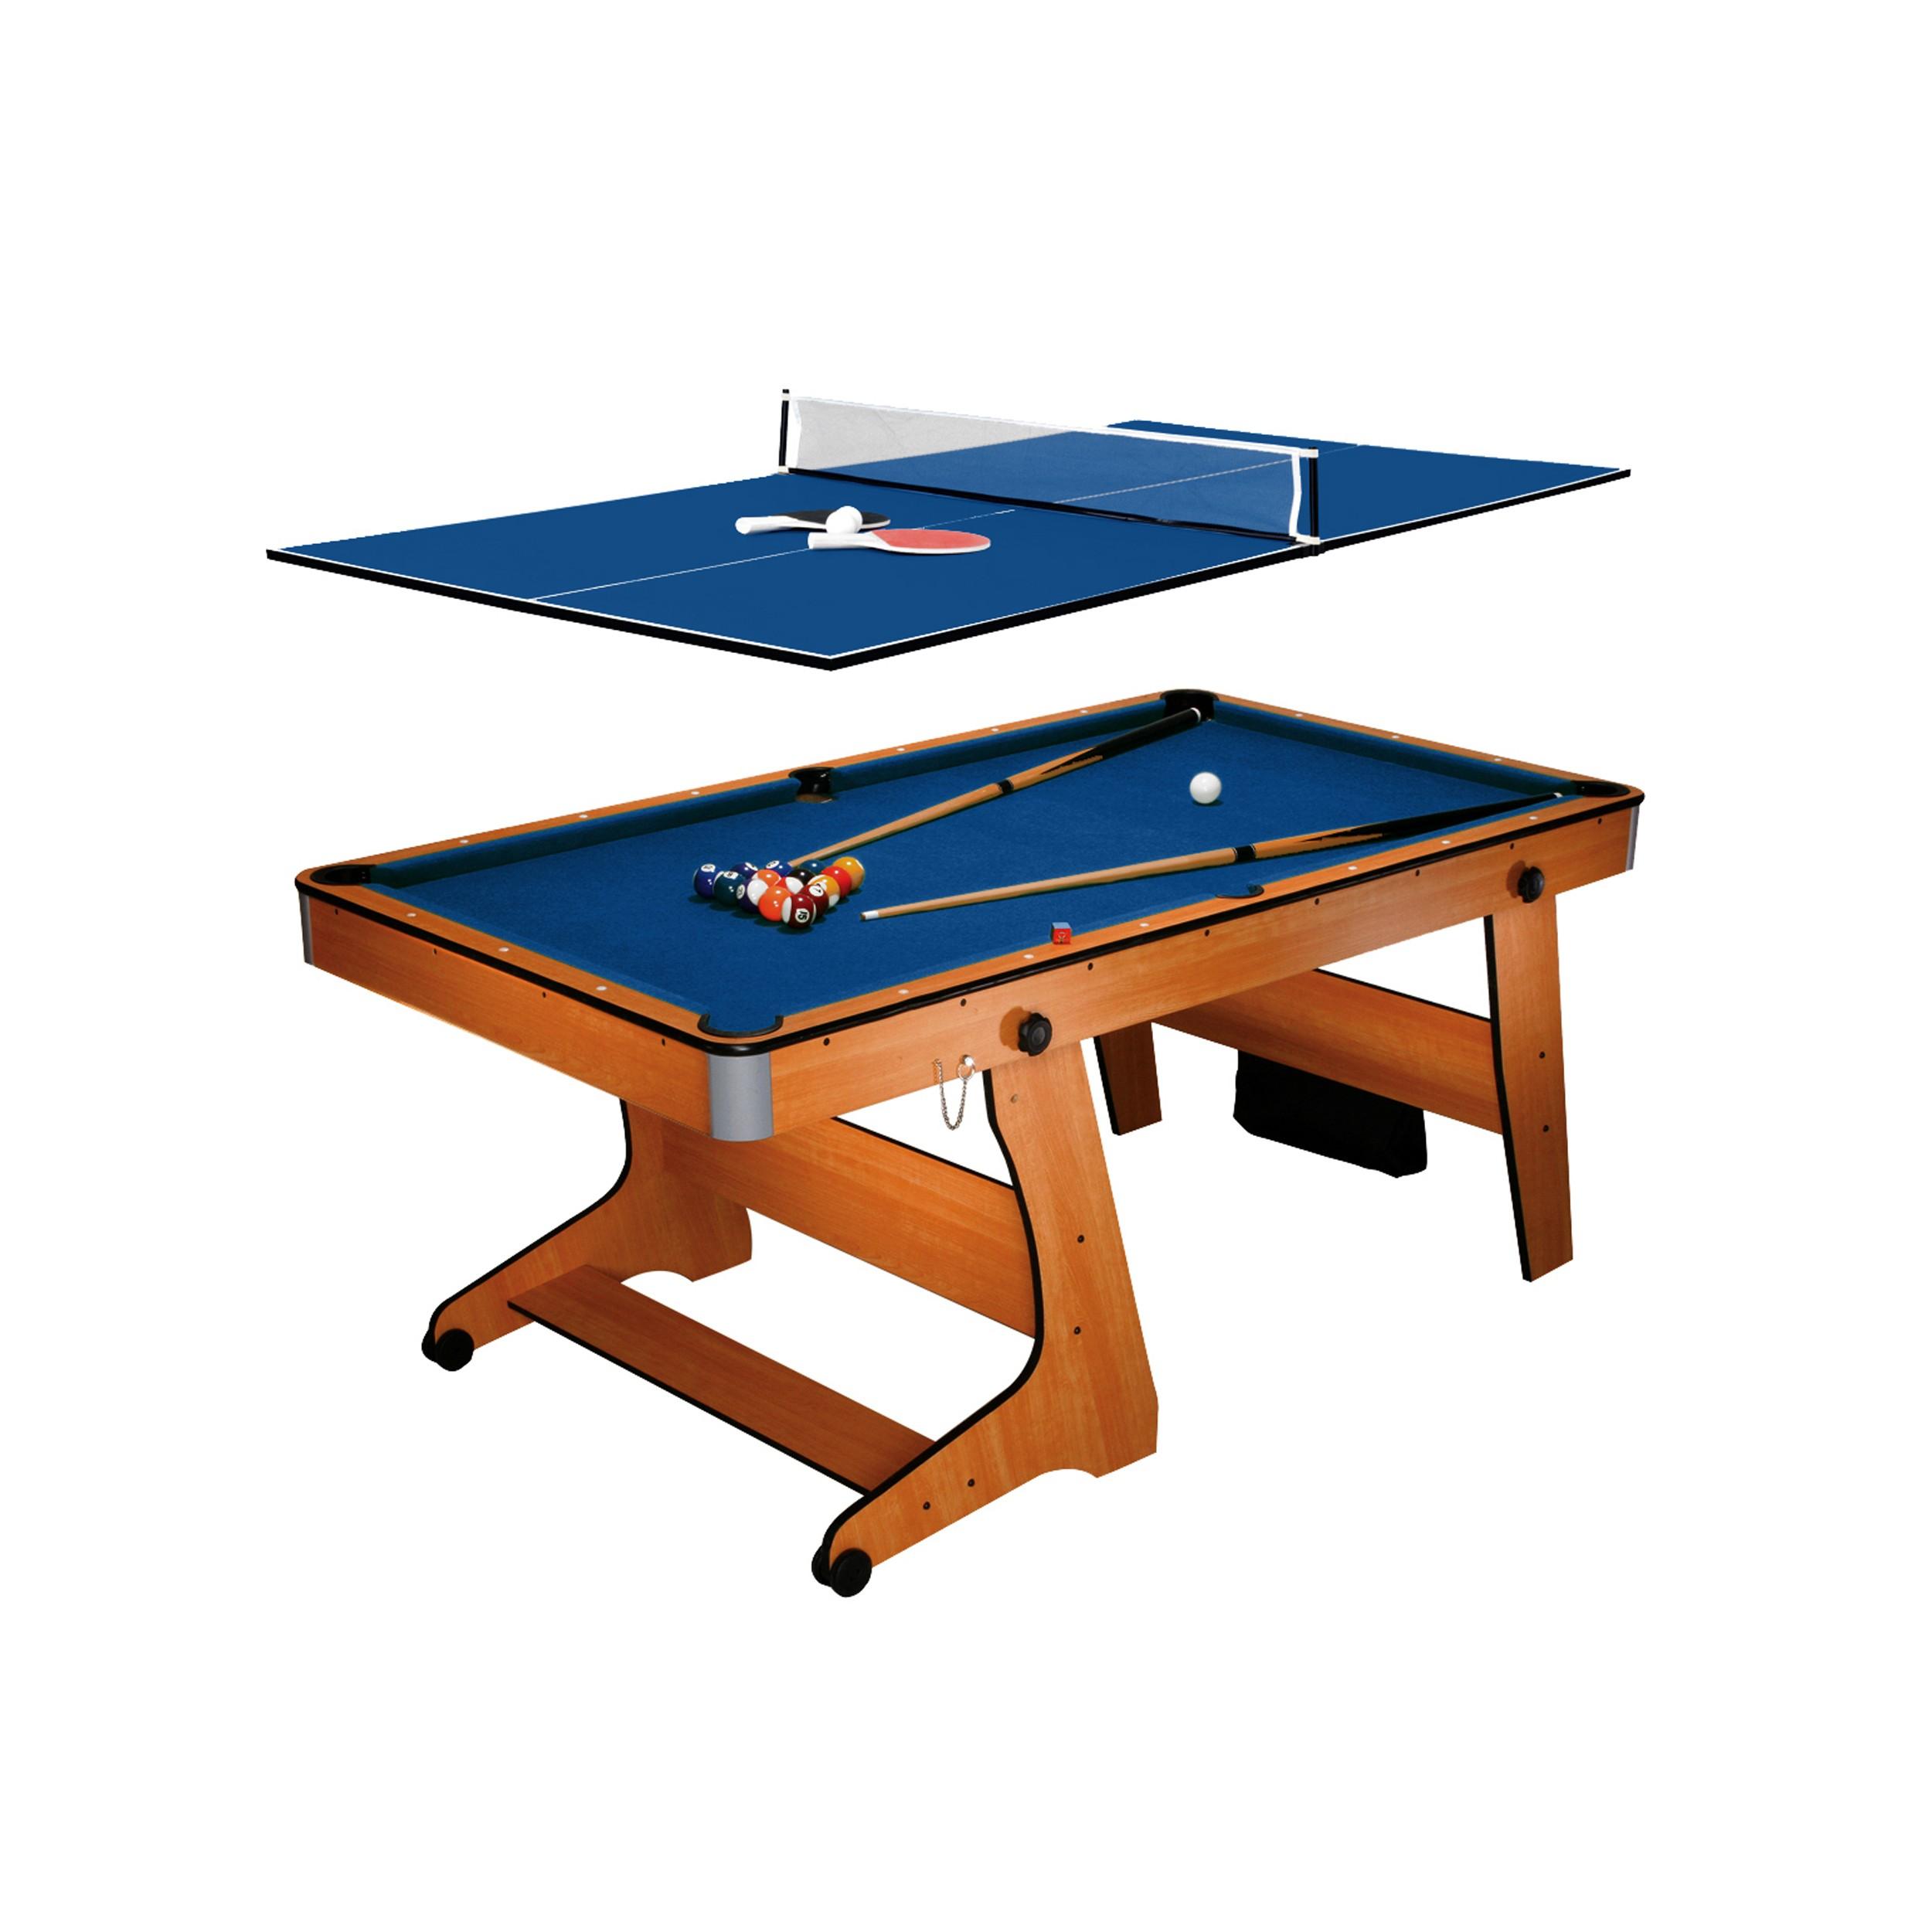 table multi jeux 3 en 1 pliable bce achetez les tables. Black Bedroom Furniture Sets. Home Design Ideas